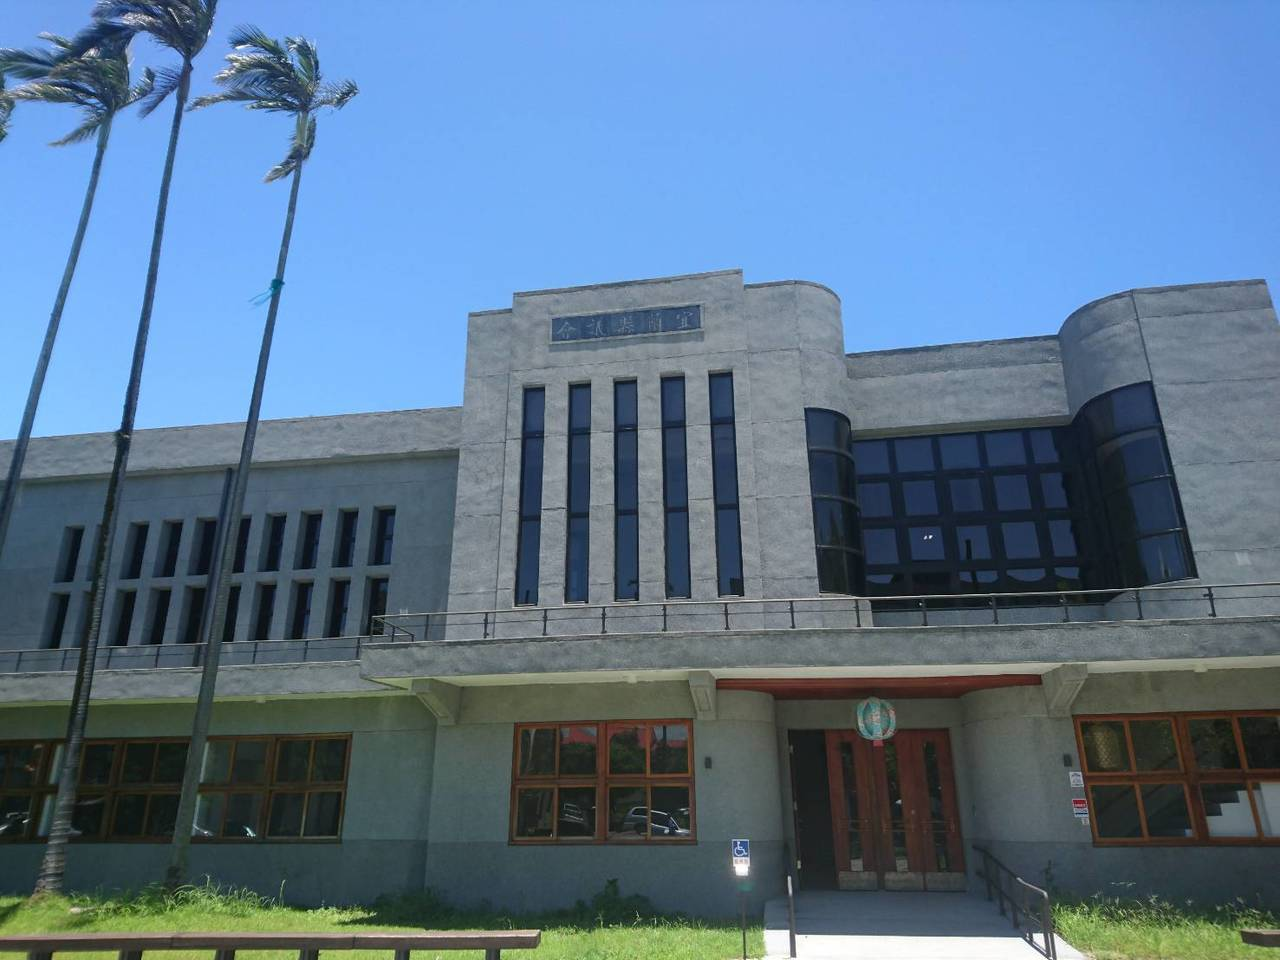 舊宜蘭縣議會經市公所整修活化,成功轉型為「宜蘭人故事館」。 記者羅建旺/攝影